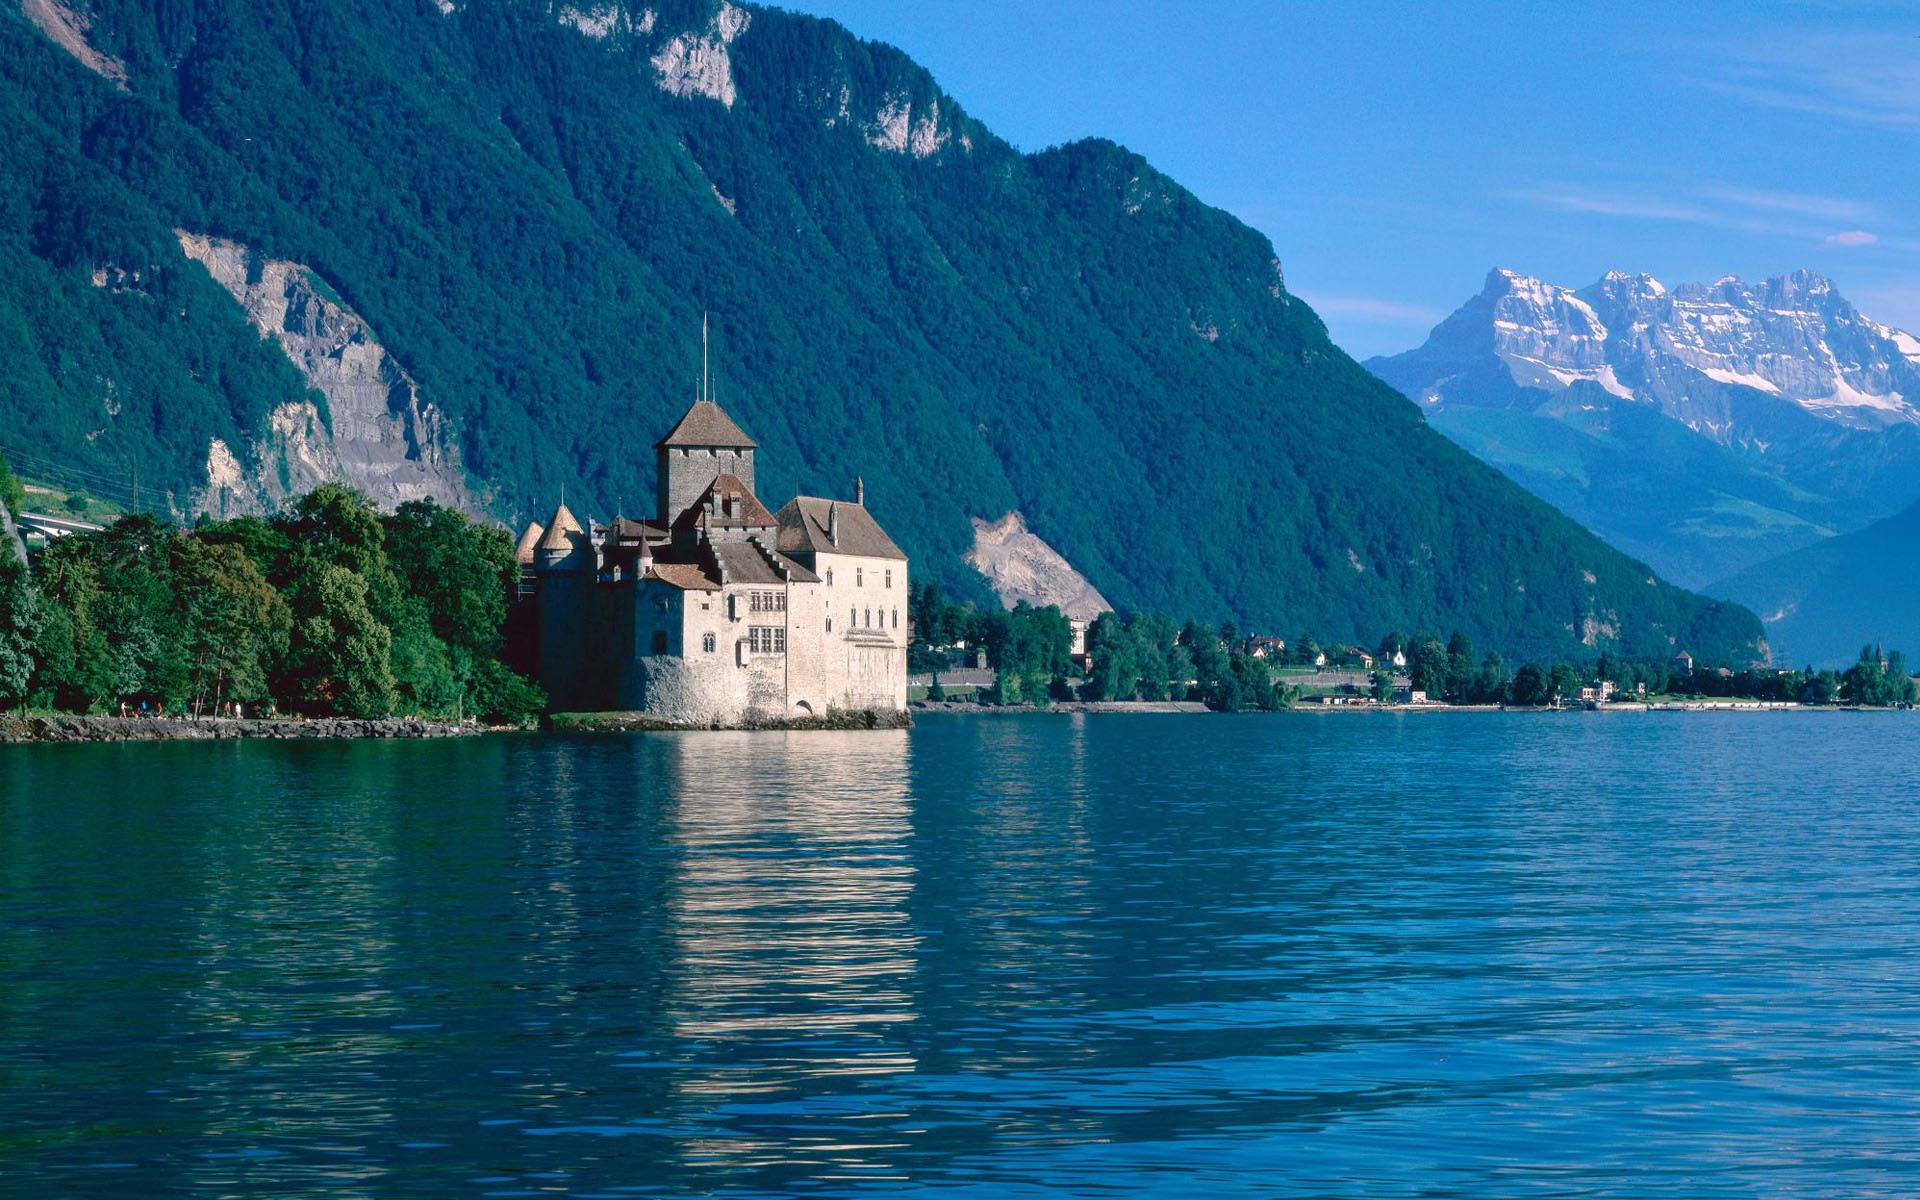 Замок швейцария вечер  № 2569434 бесплатно